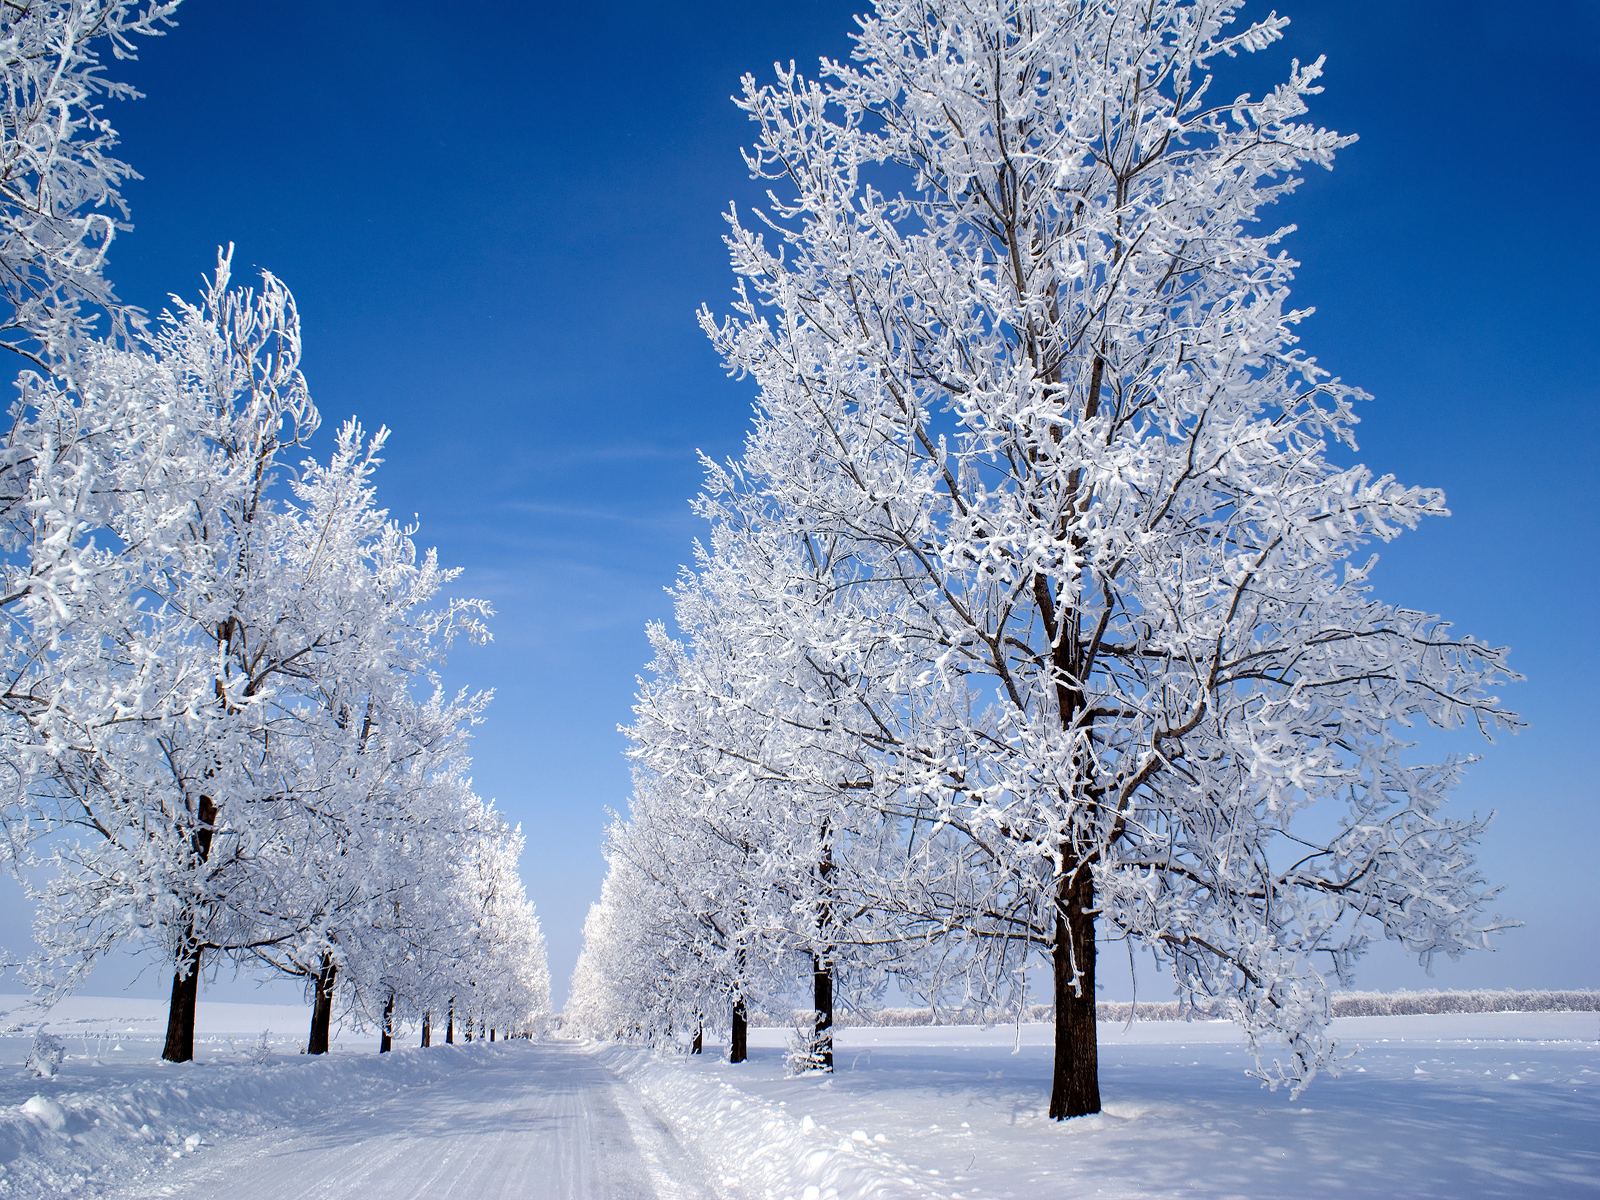 country lane winter snow wallpaper persian gulf lost civilization 1600x1200